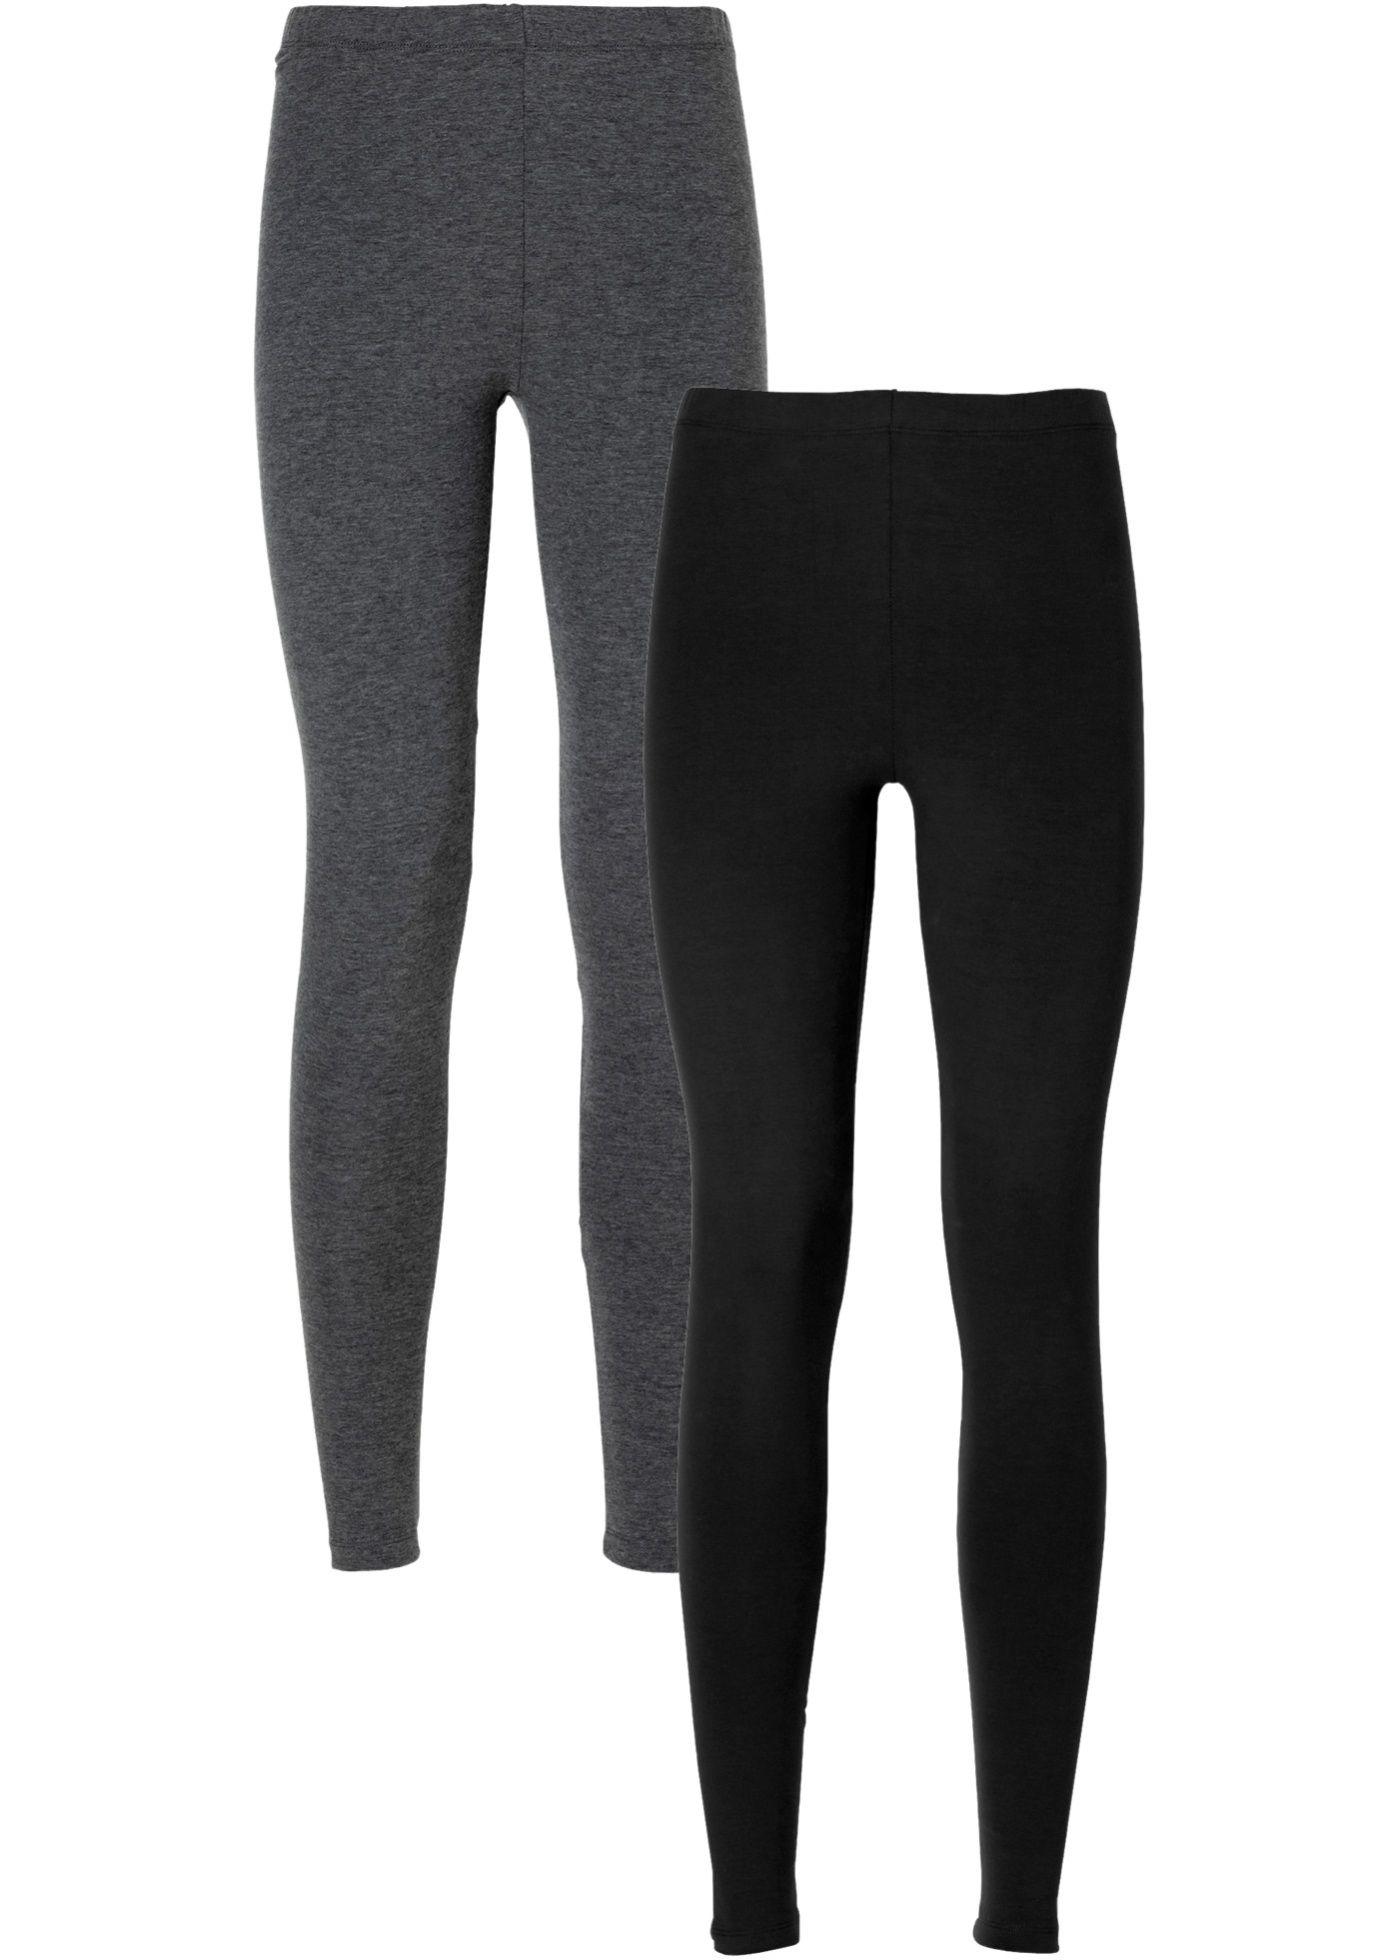 4870cc9b6a544 Commandez maintenant Lot de 2 leggings gris chiné noir à partir de 17,99 €